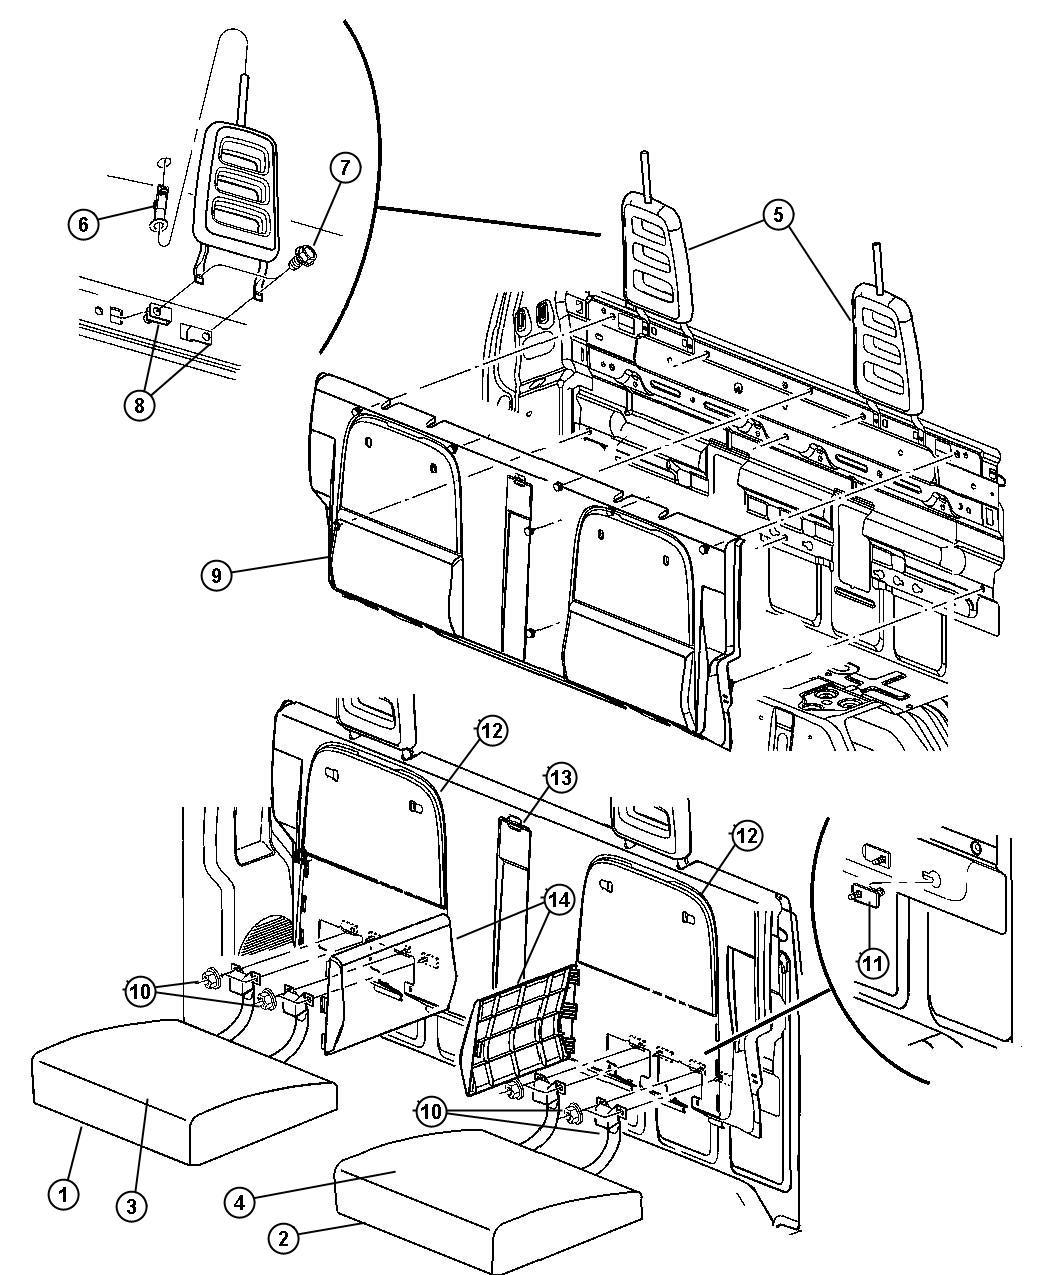 mini r53 fuse box location